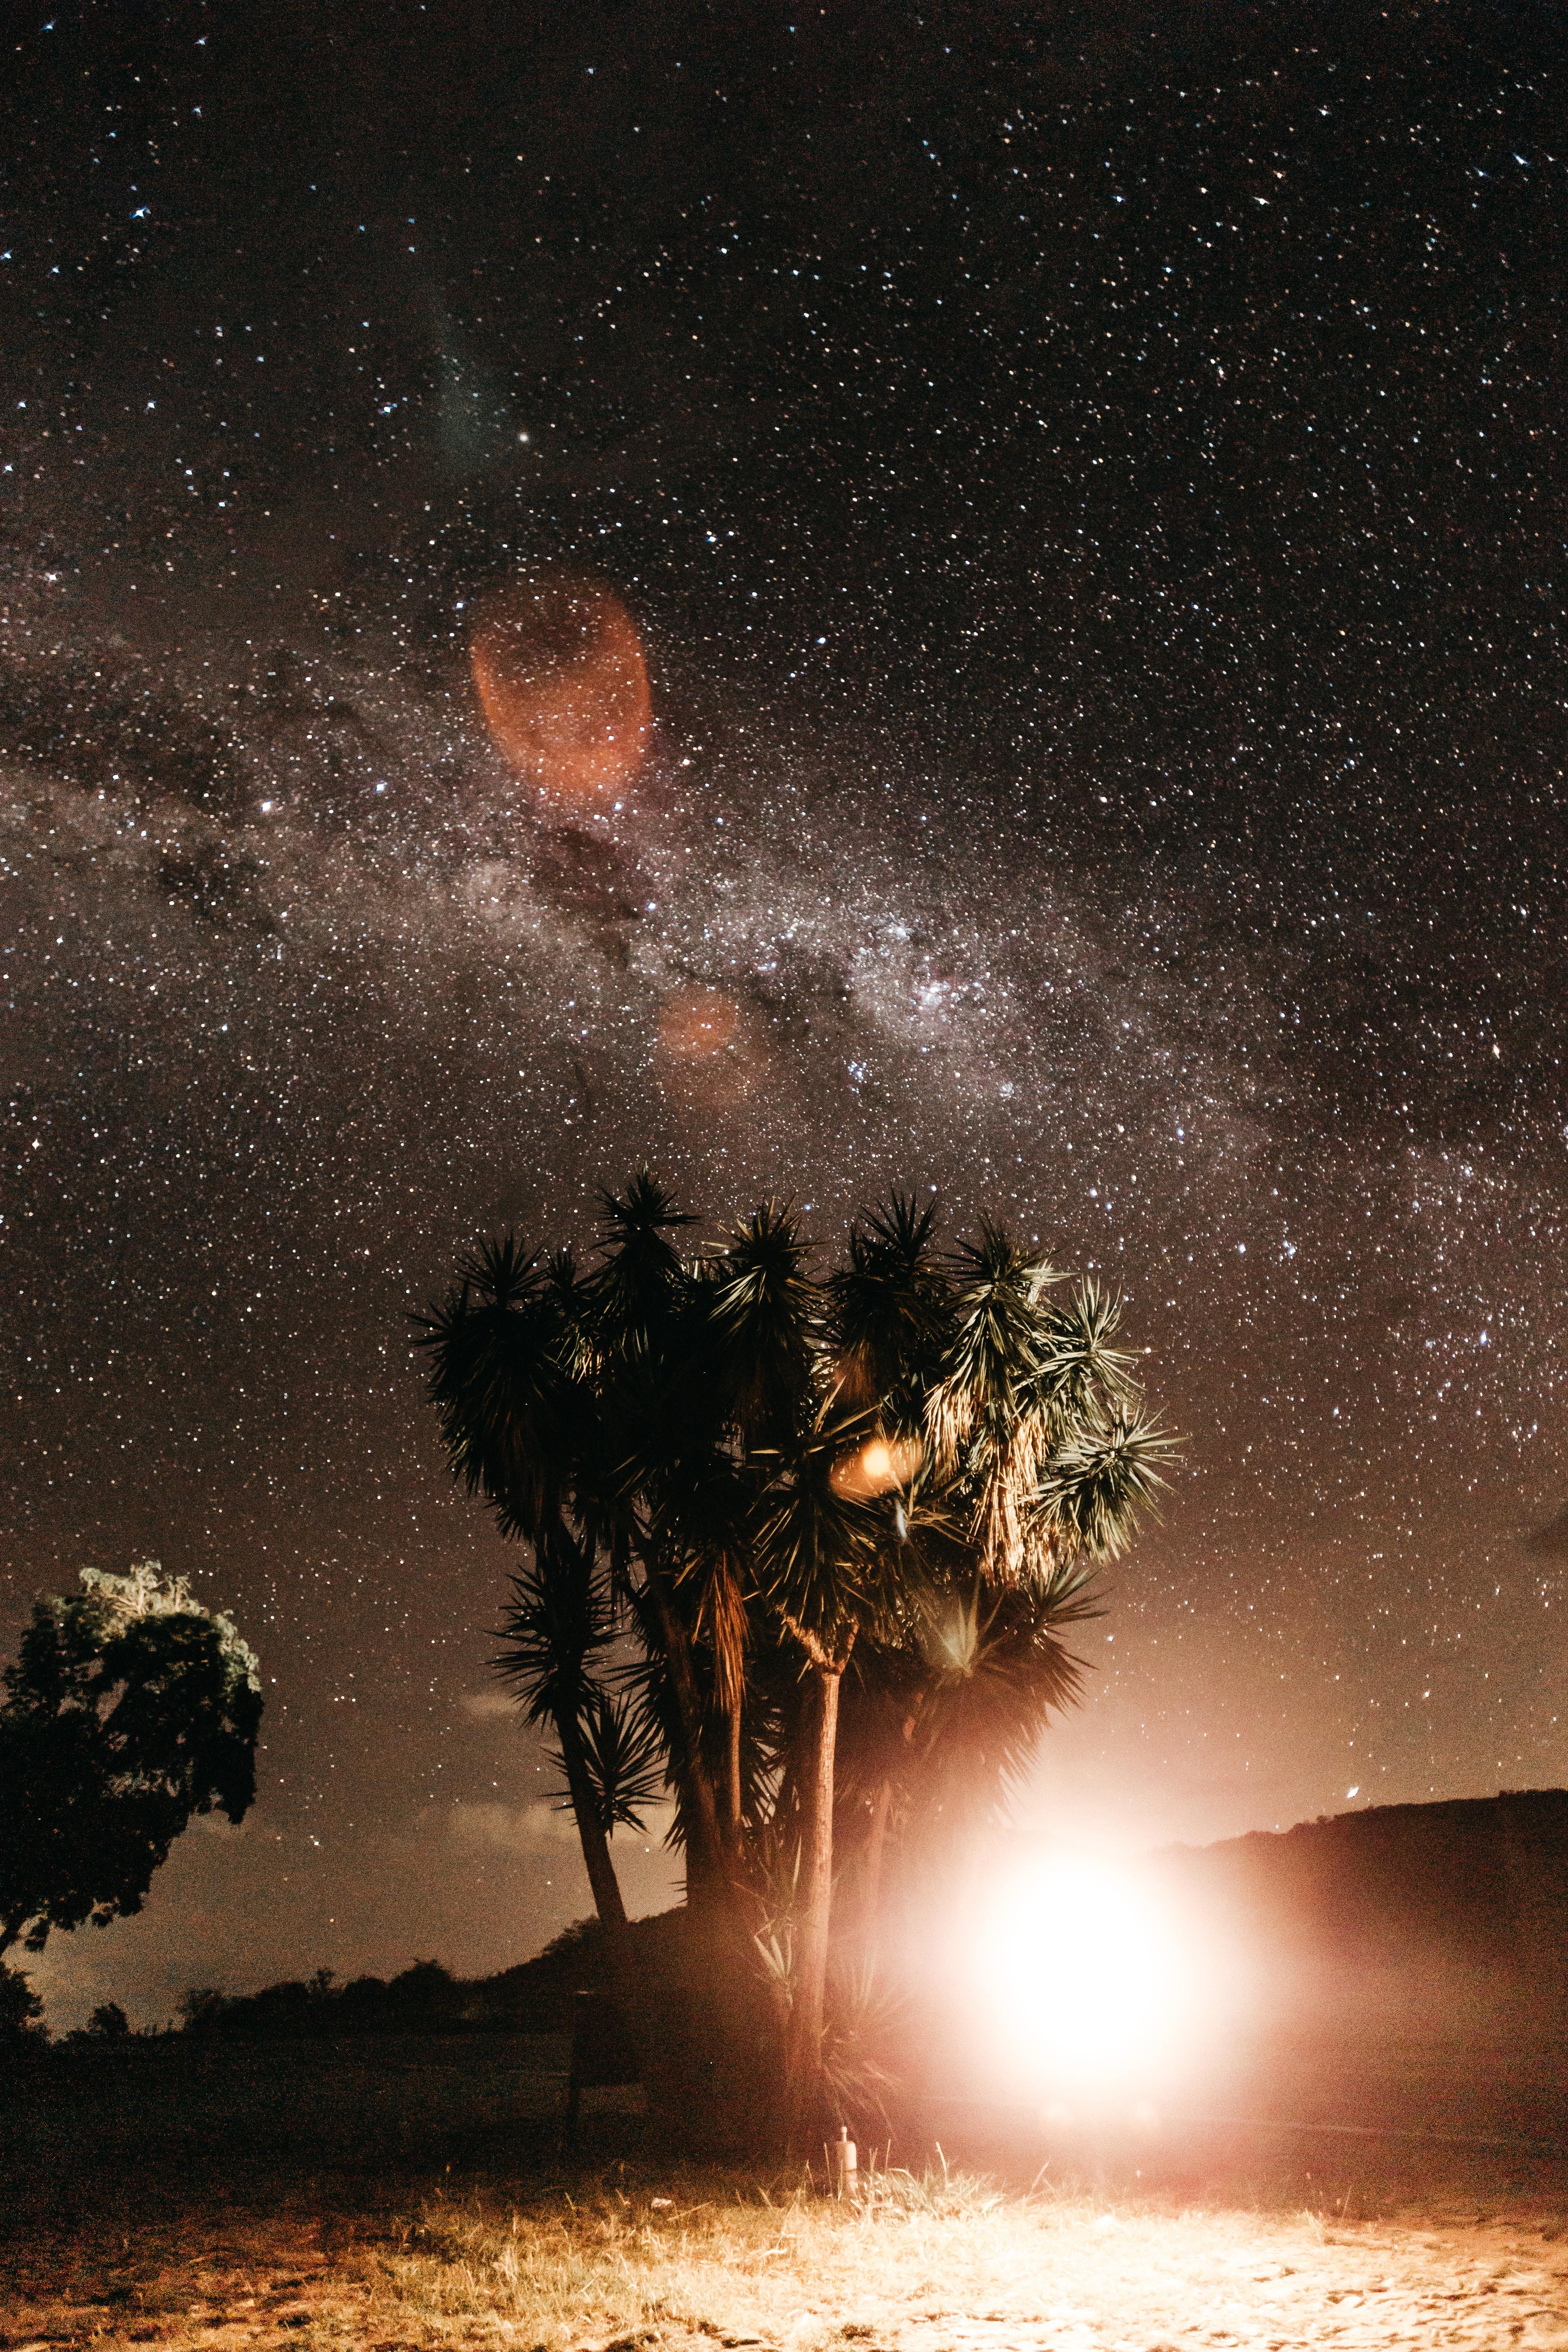 62572 免費下載壁紙 性质, 夜, 星空, 闪光, 闪光灯, 明亮的, 明亮, 强光, 高光, 棕榈 屏保和圖片